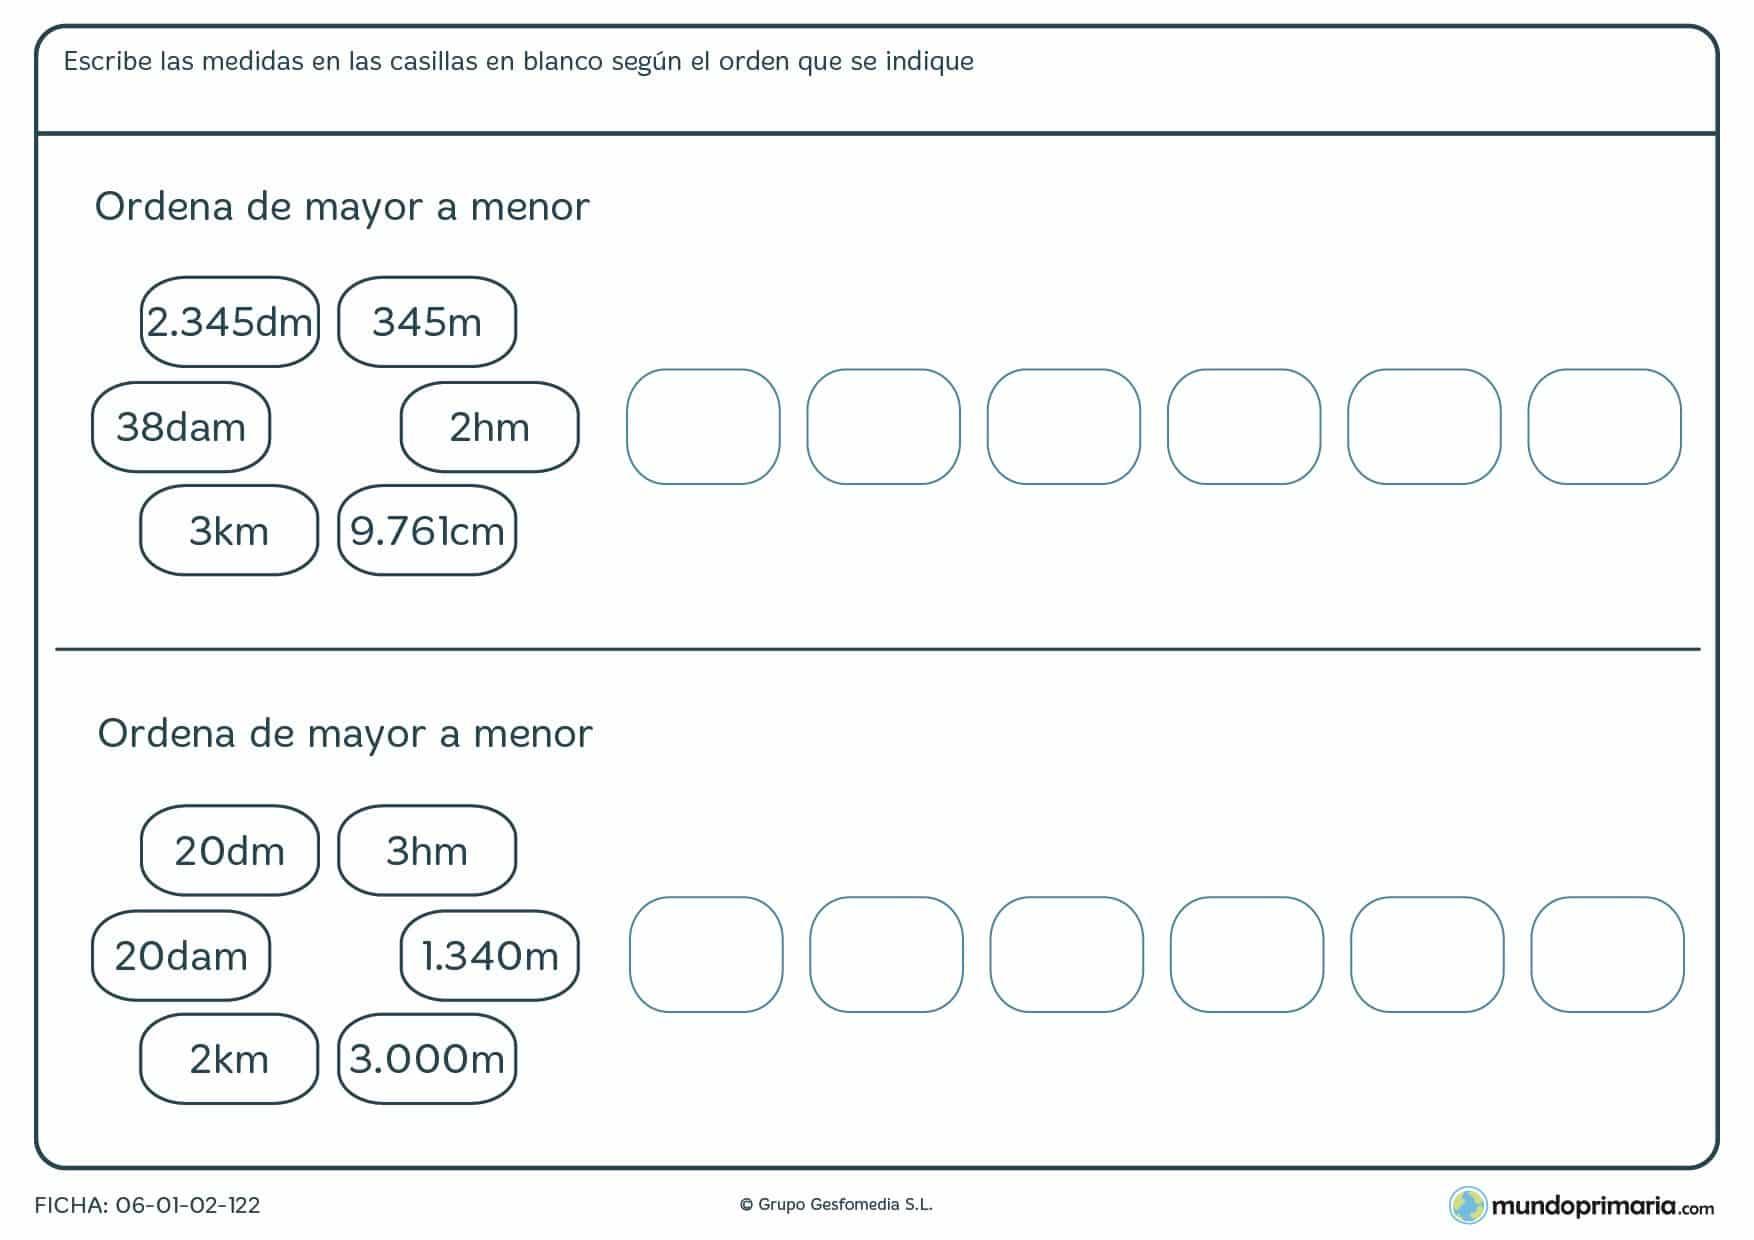 Ficha de medidas en orden de mayor a menor para que sean correctas.